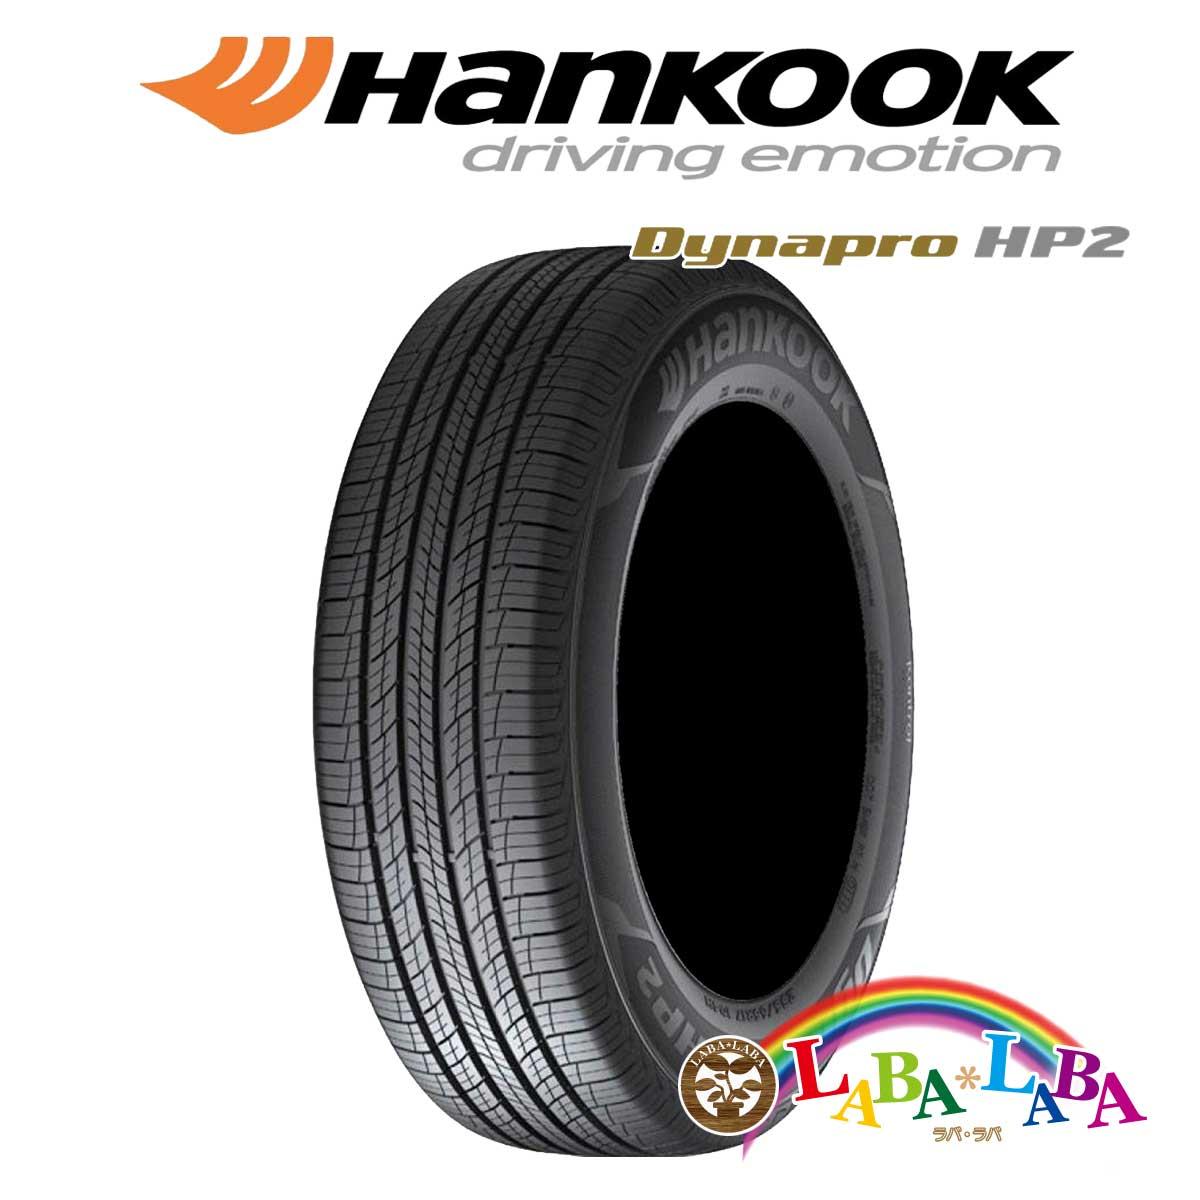 HANKOOK ハンコック Dynapro HP2 ダイナプロ RA33 225/55R18 98H サマータイヤ SUV 4WD 2本セット